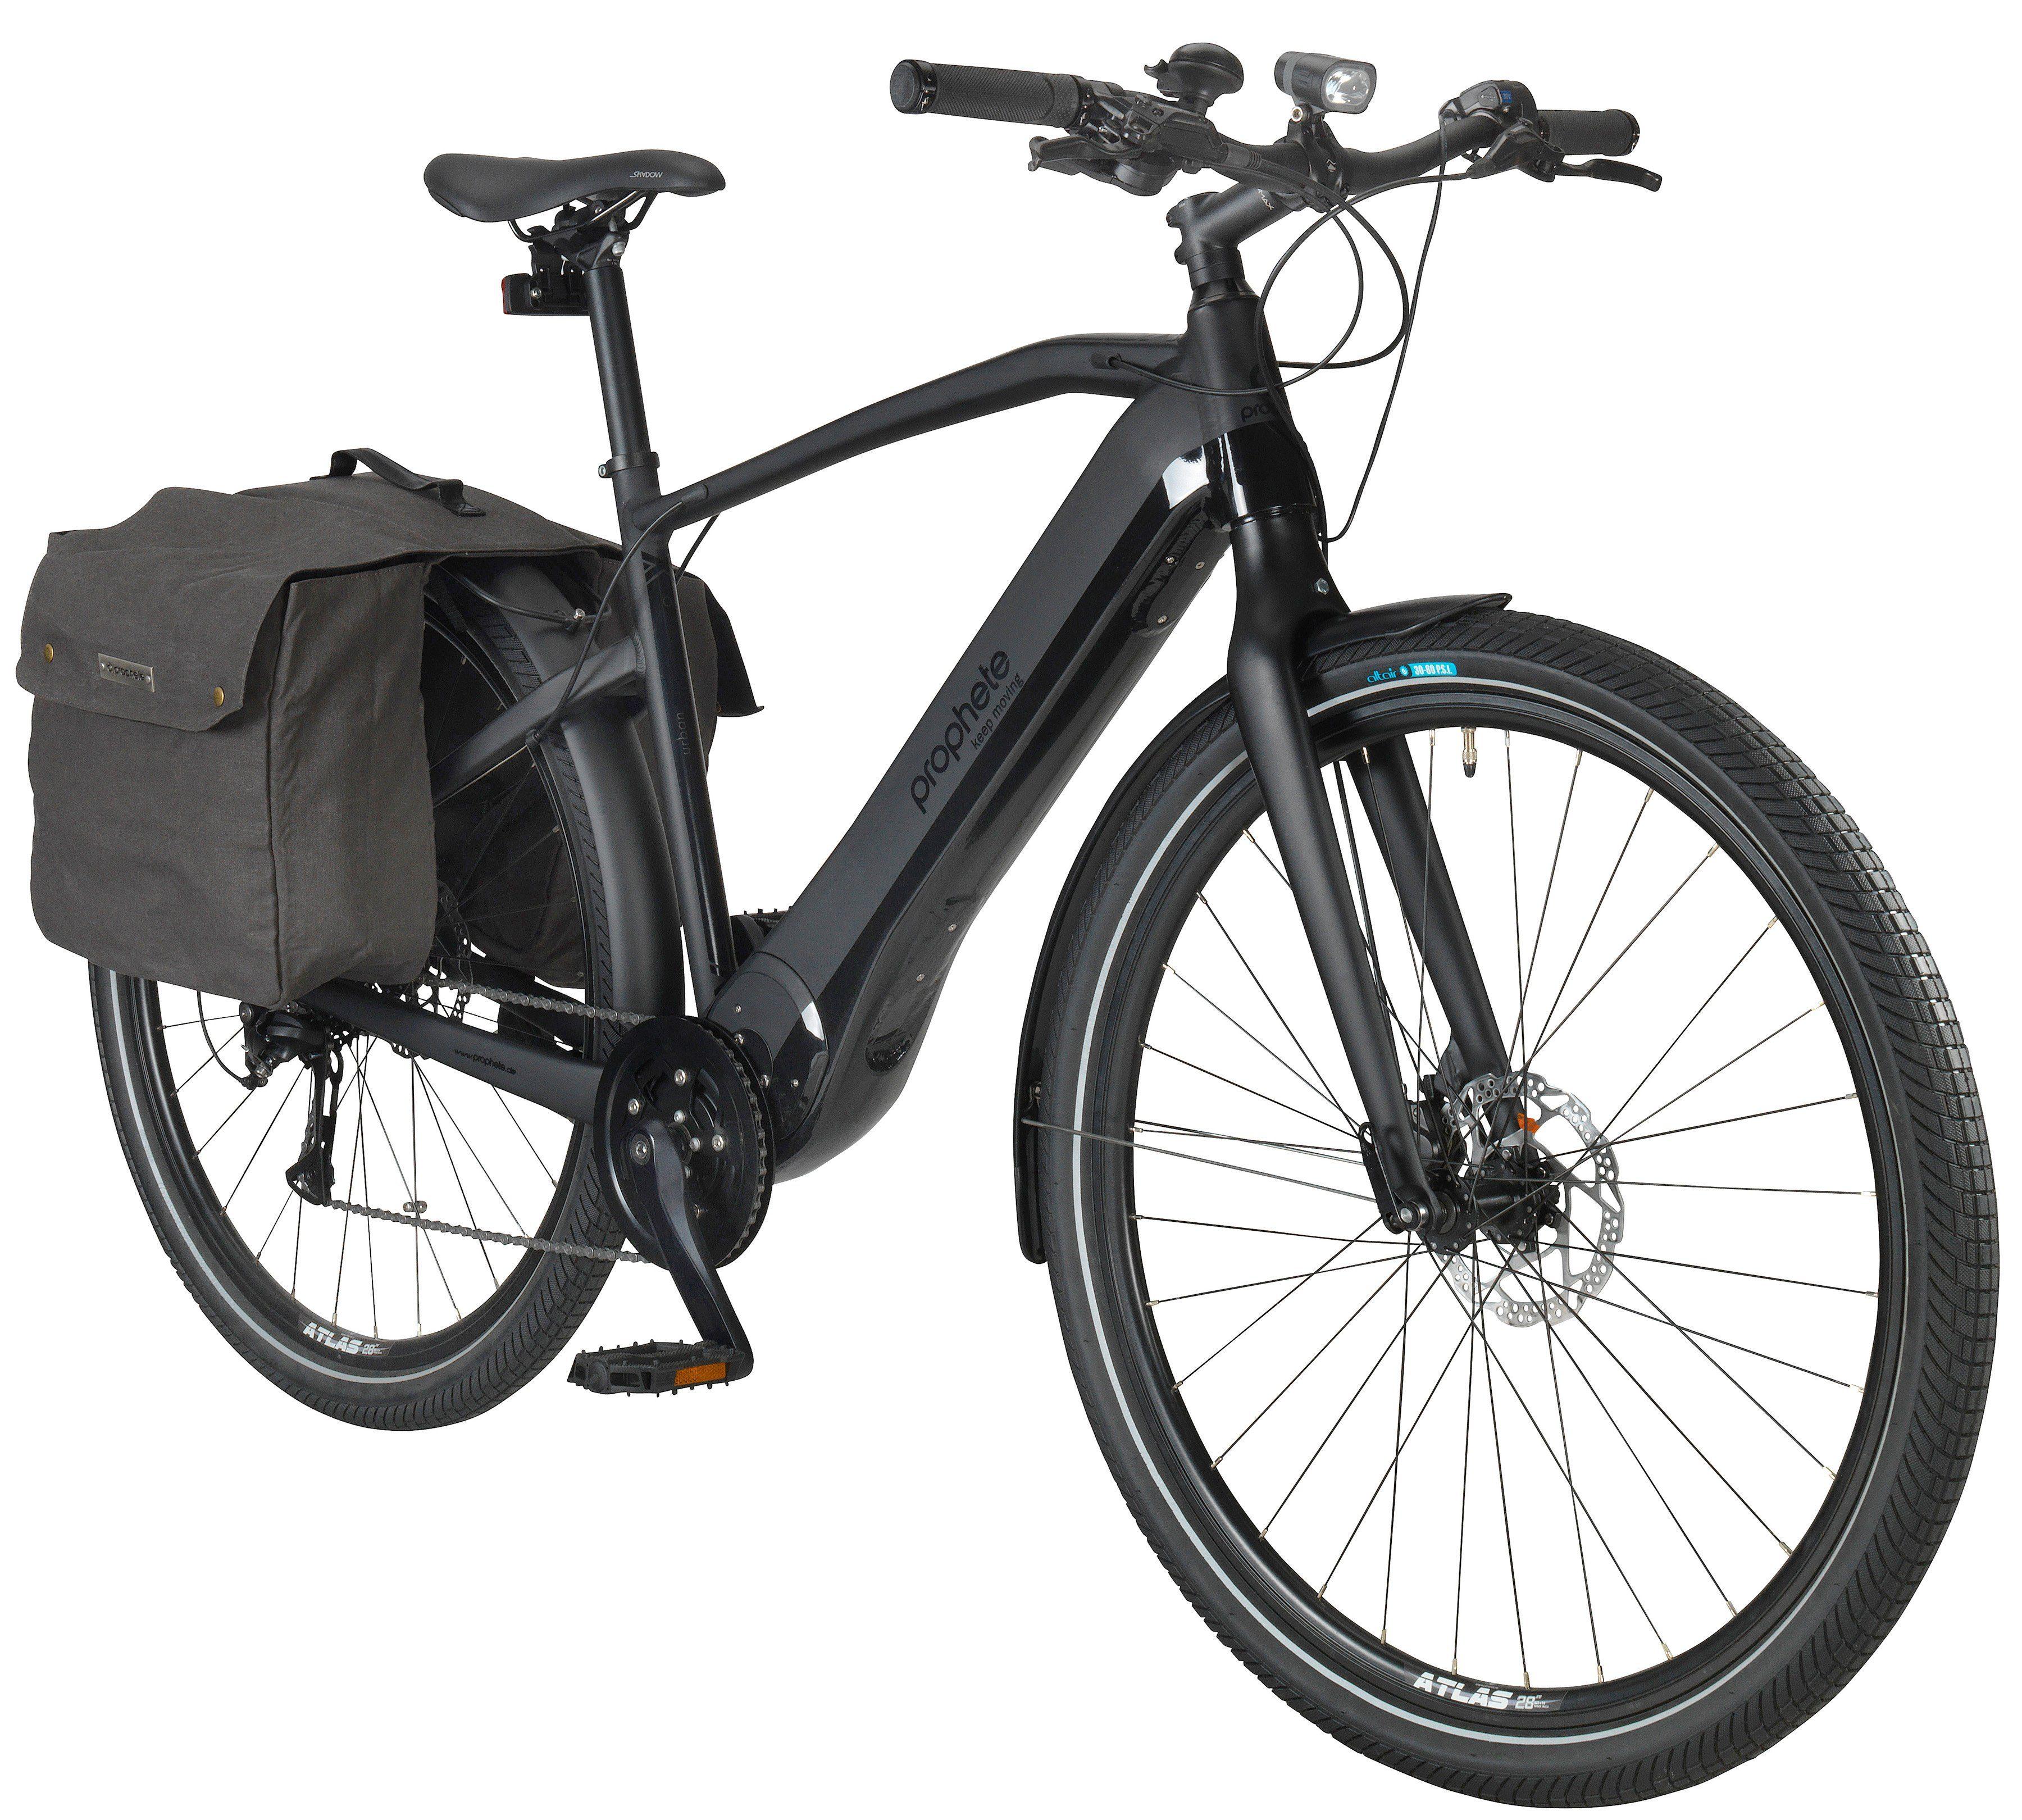 PROPHETE Komplett-Set: E-Bike Trekking »URBAN«, 28 Zoll, 8-Gang, Mittelmotor, 403 Wh